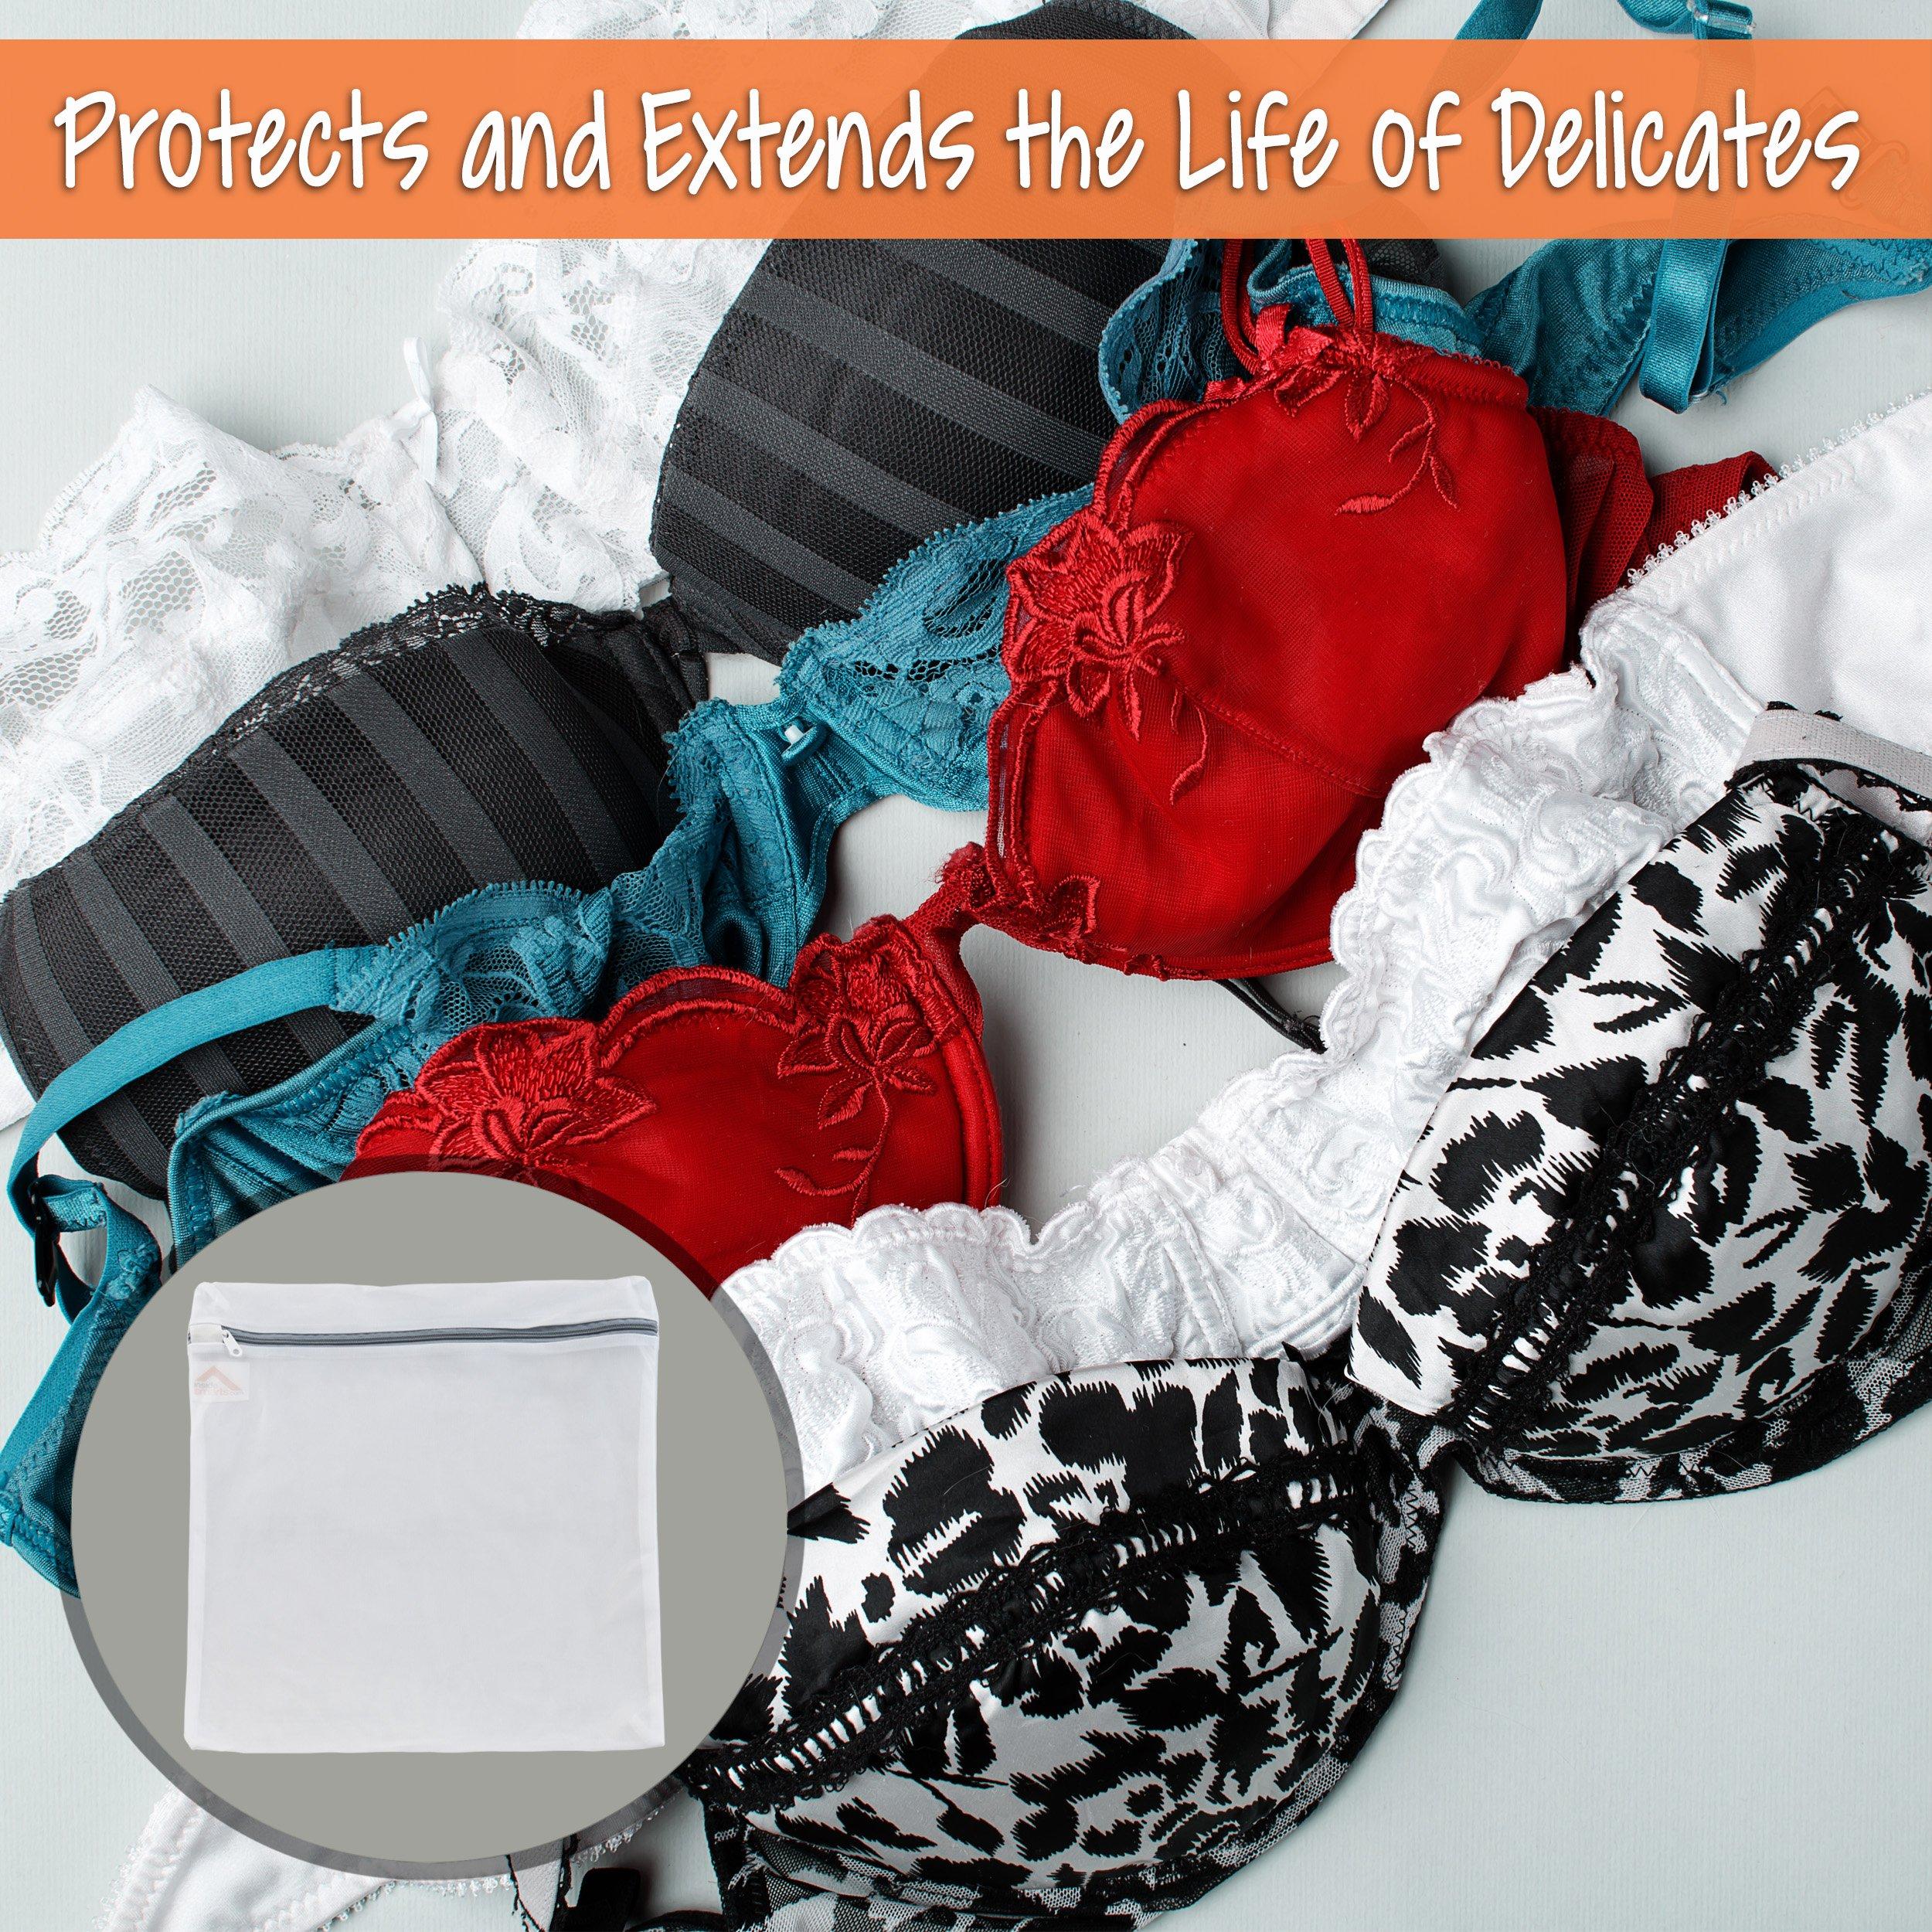 InsideSmarts Delicates Laundry Wash Bags, Set of 4 (2 Medium & 2 Large) by InsideSmarts (Image #5)